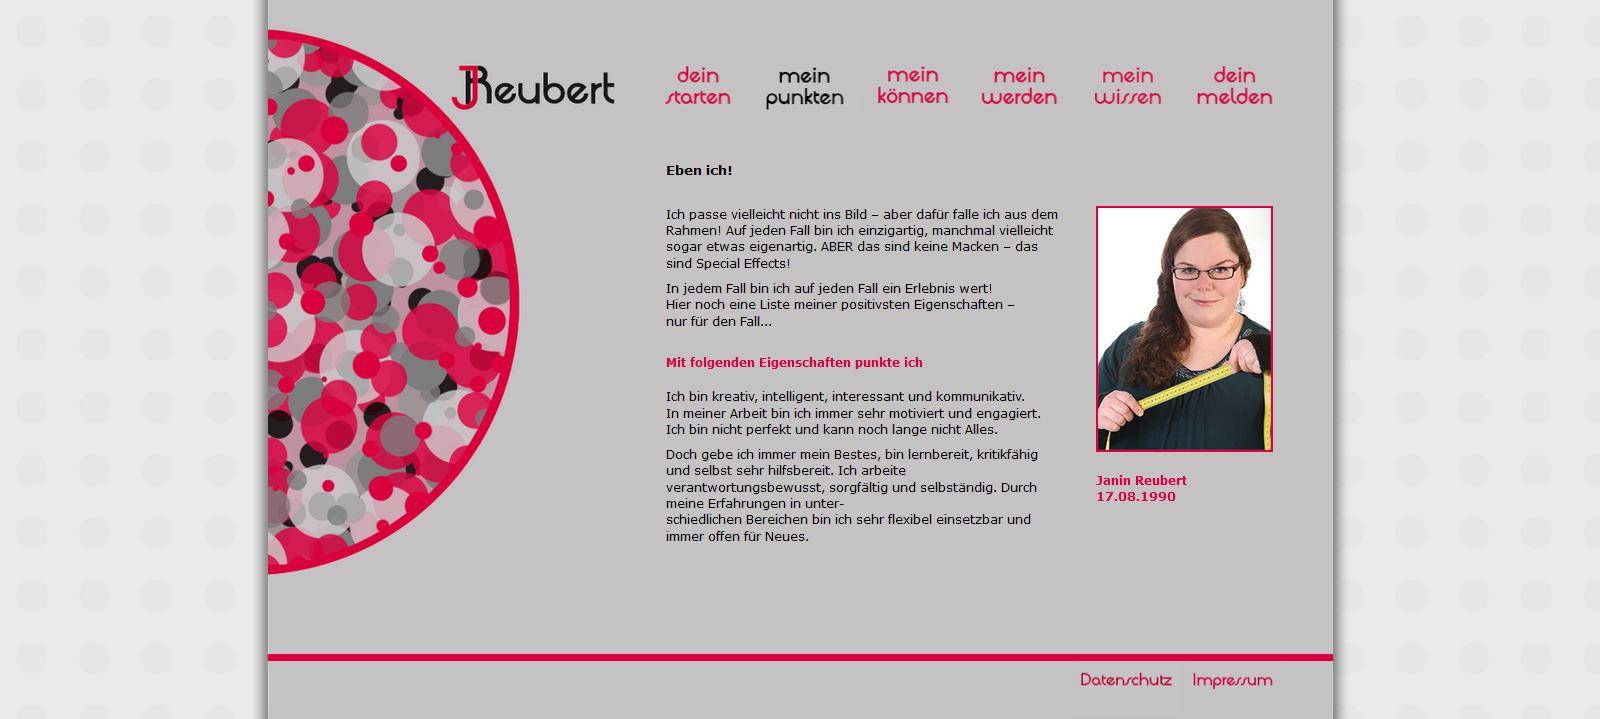 Website JReubert alt Ich